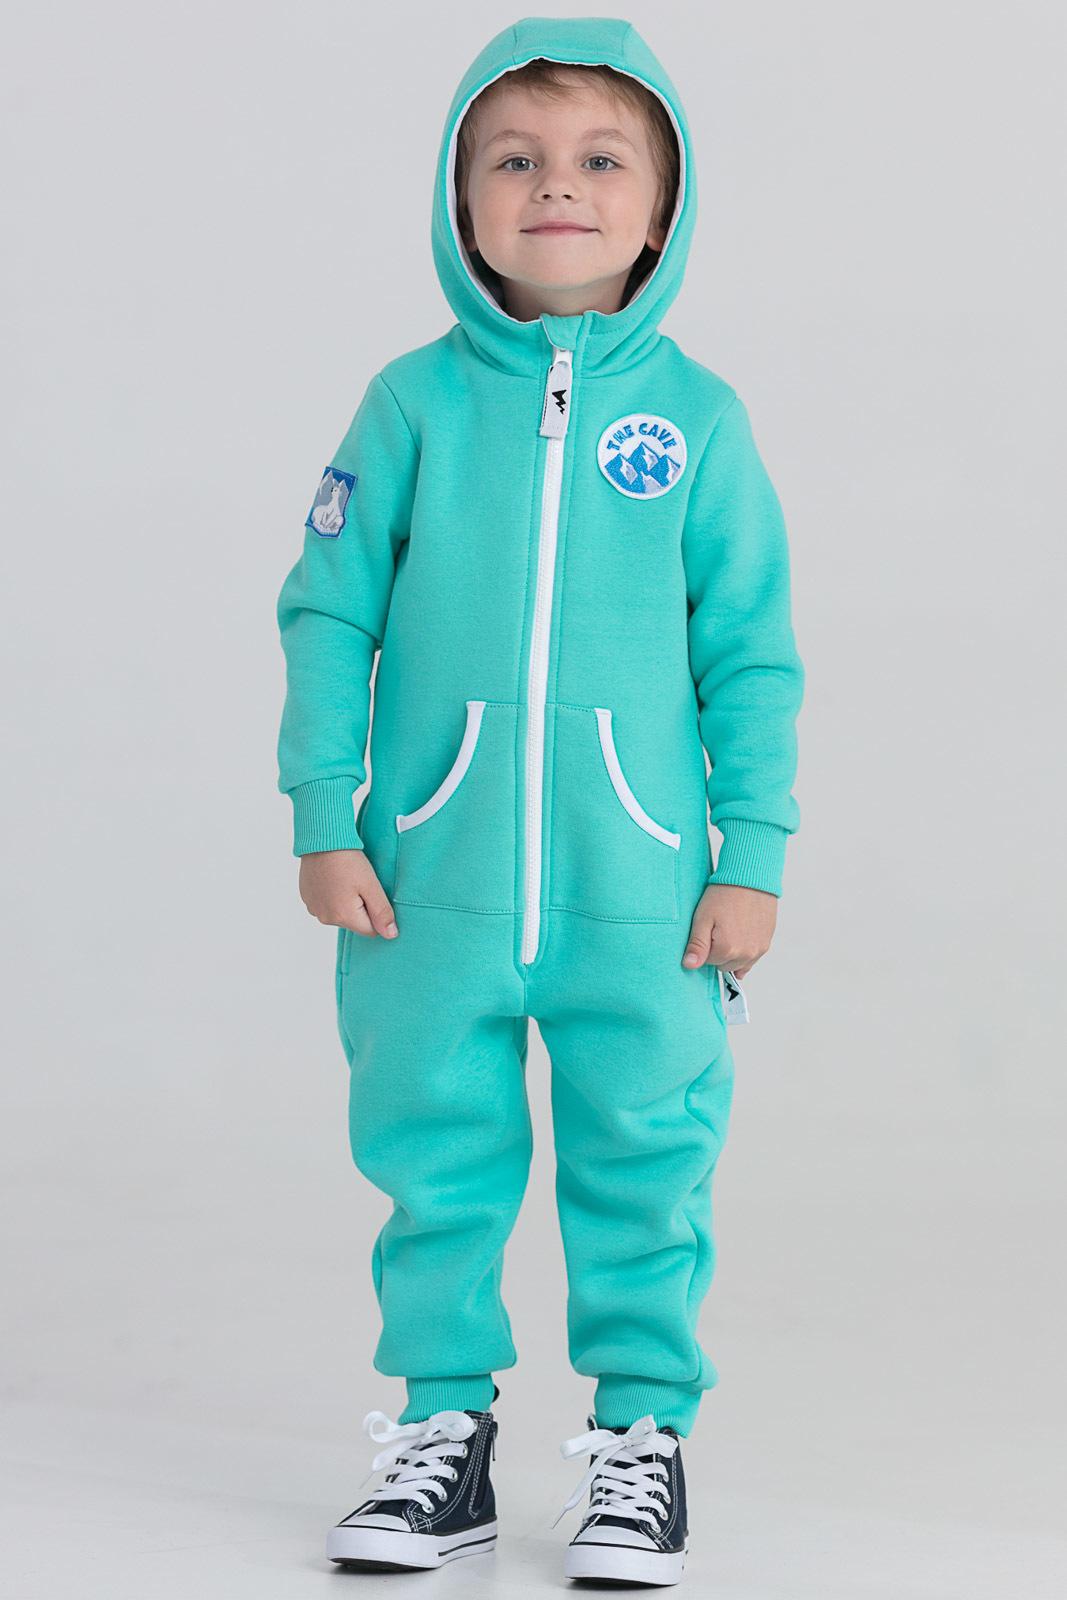 Детская домашняя одежда The Cave Детский комбинезон Darrel Цвет: Мята (2 года) флисовый комбинезон детский 2 года